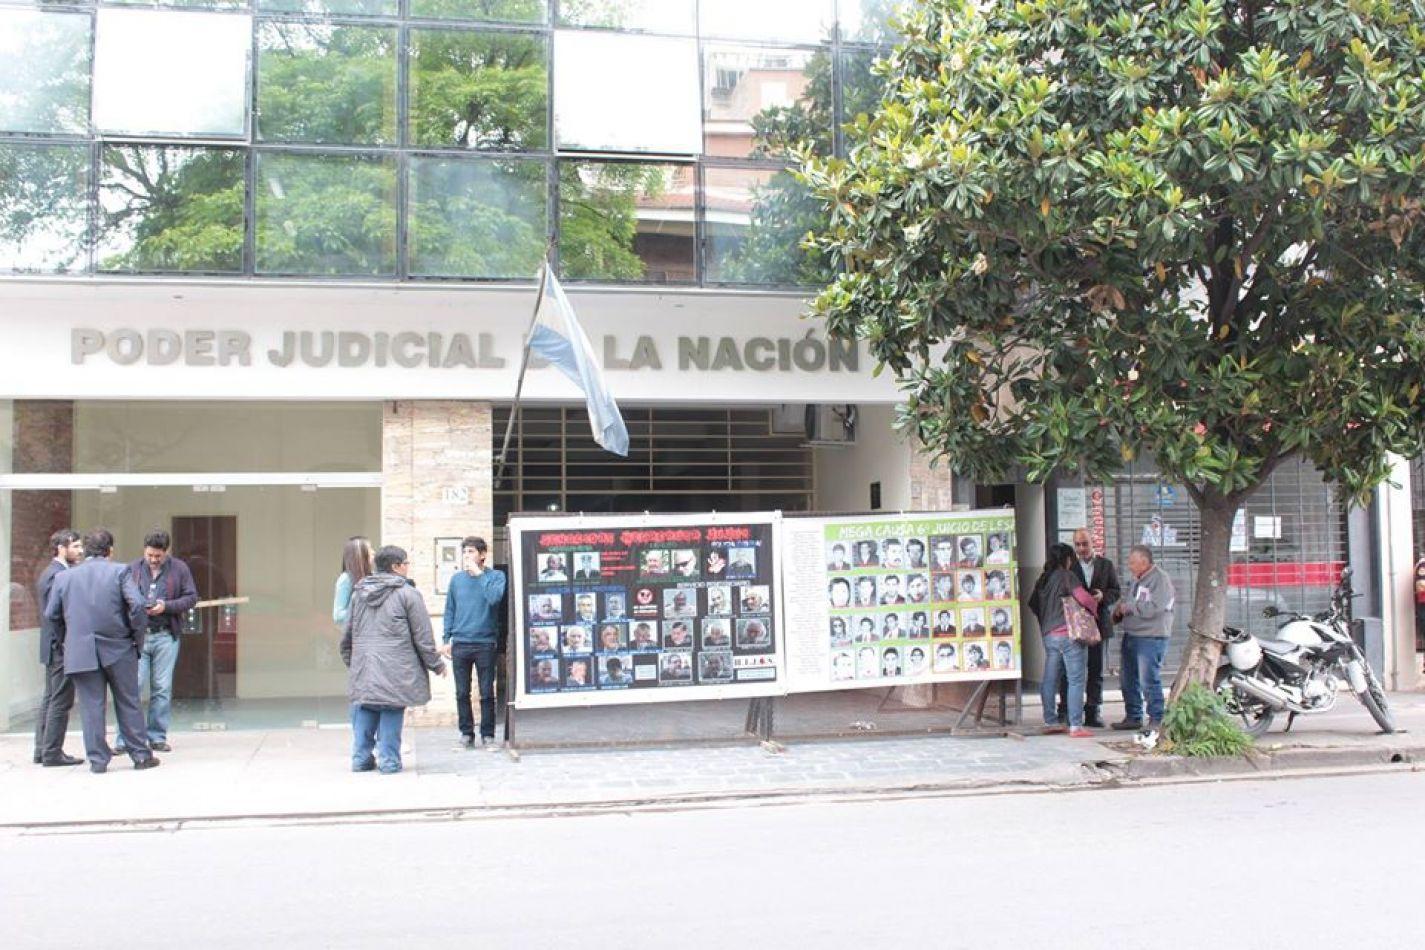 foto Hijos Jujuy, archivo Mega causa